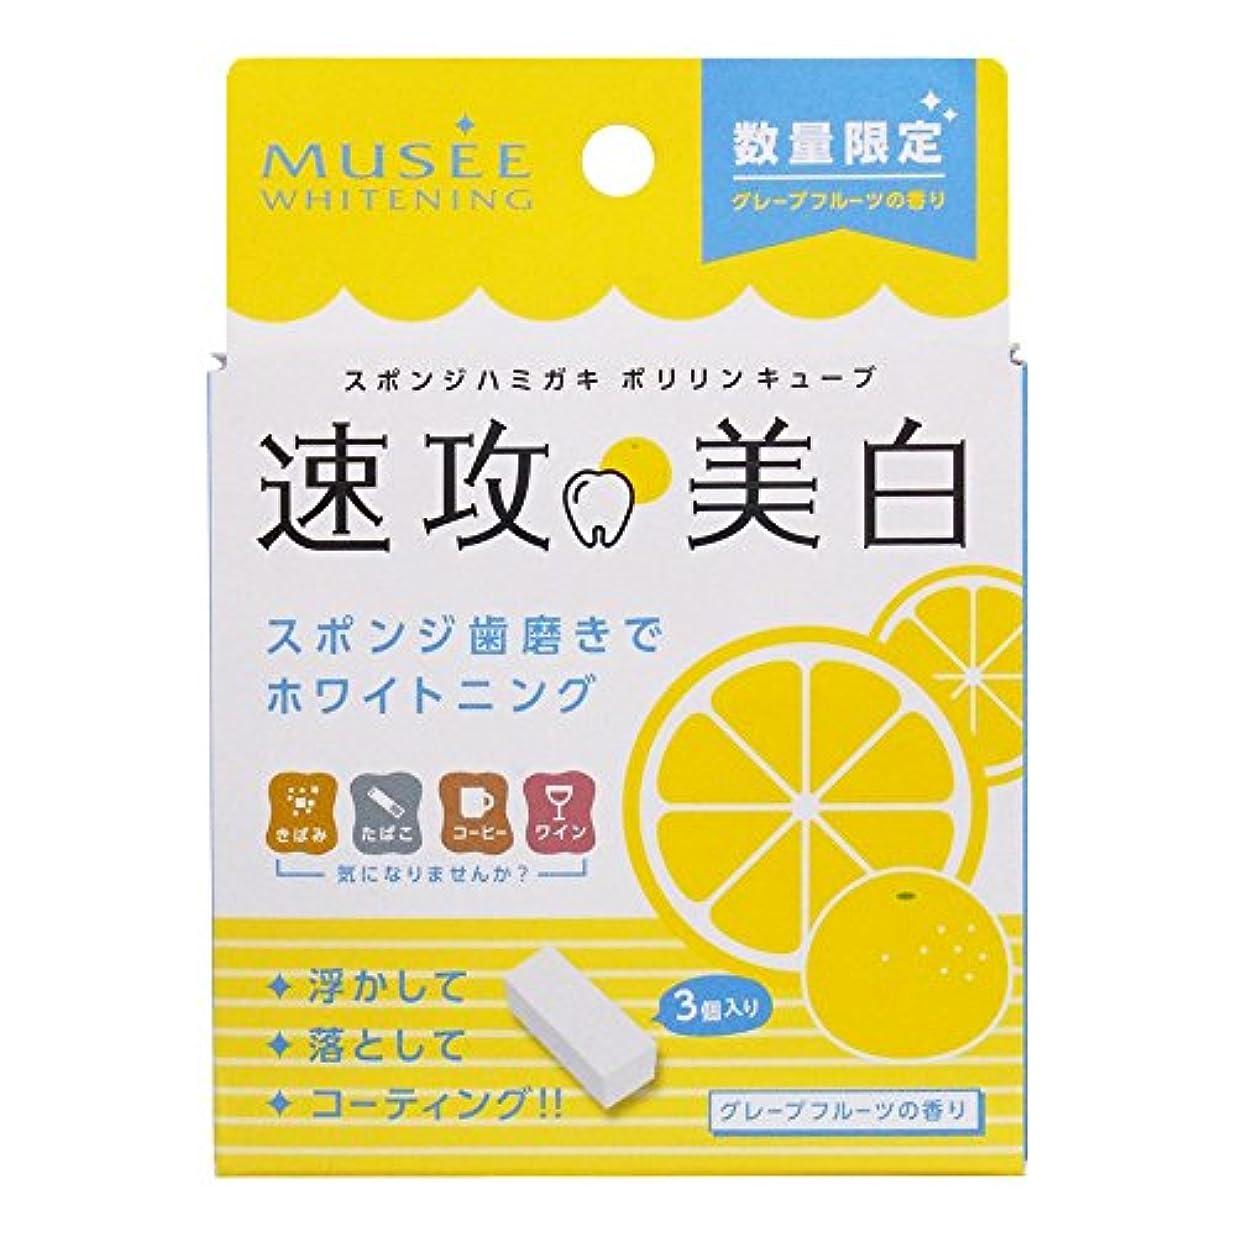 株式会社そしてボリュームミュゼホワイトニング ポリリンキューブ グレープフルーツの香り (1回分×3包)